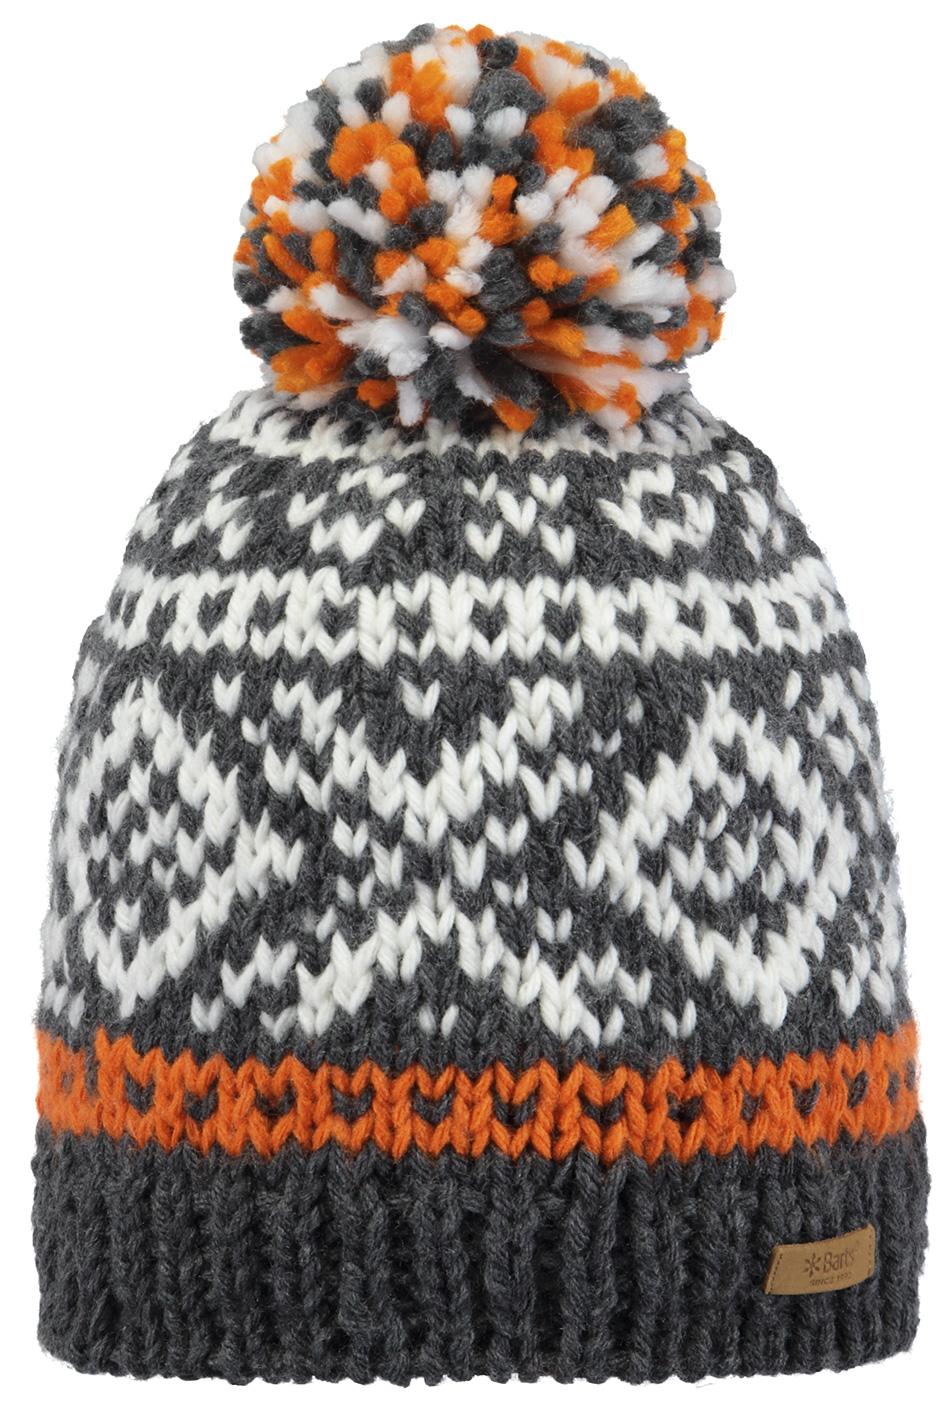 3ff71e20c Ski Clothing | Ski Jackets | Ski Pants | Socks | Gloves | Thermals ...